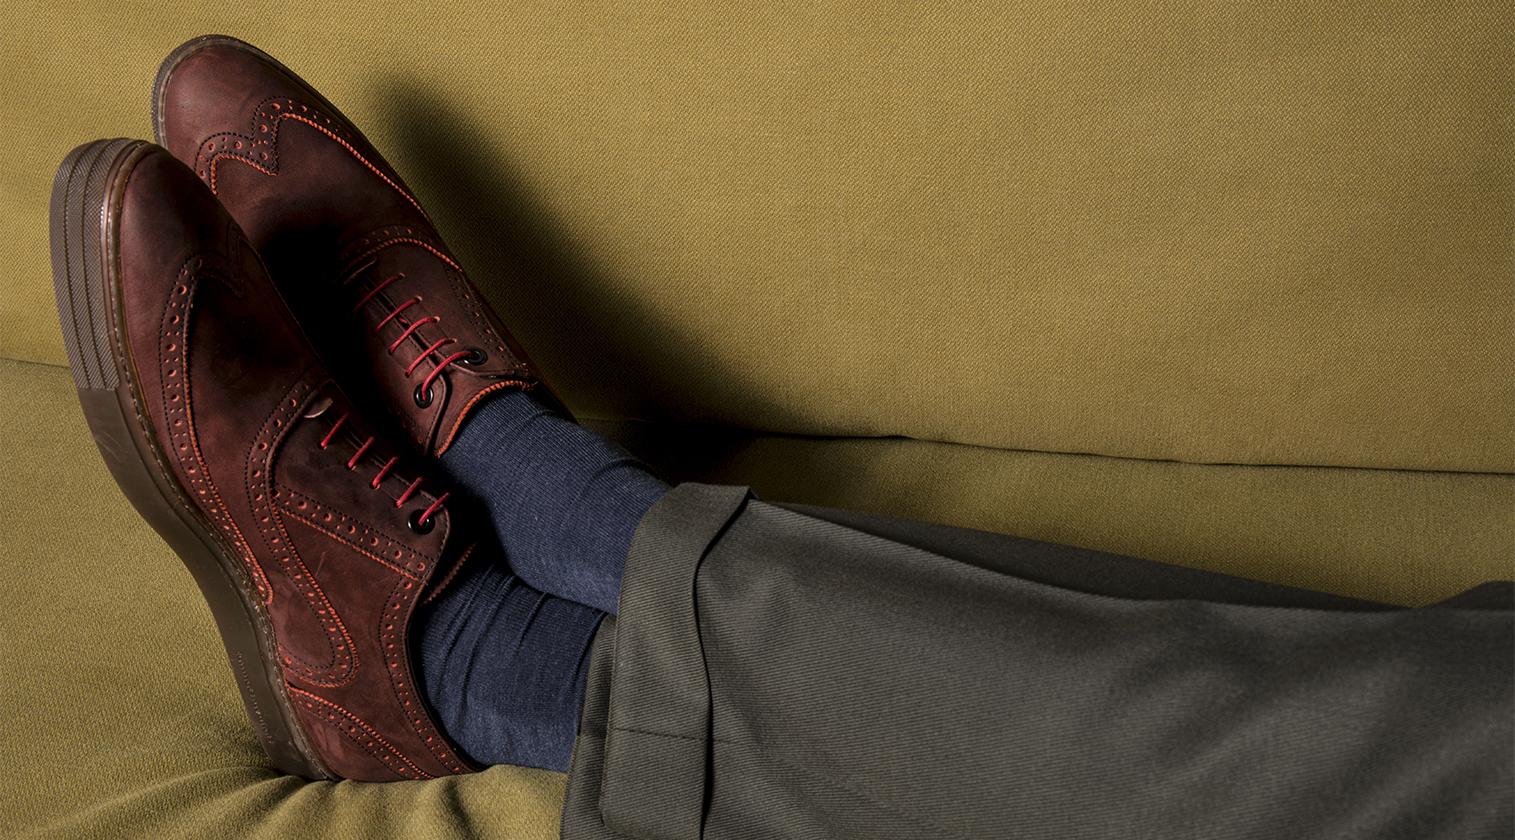 Designer-Schuhe für Herren sind elegant und bequem | ZALANDO